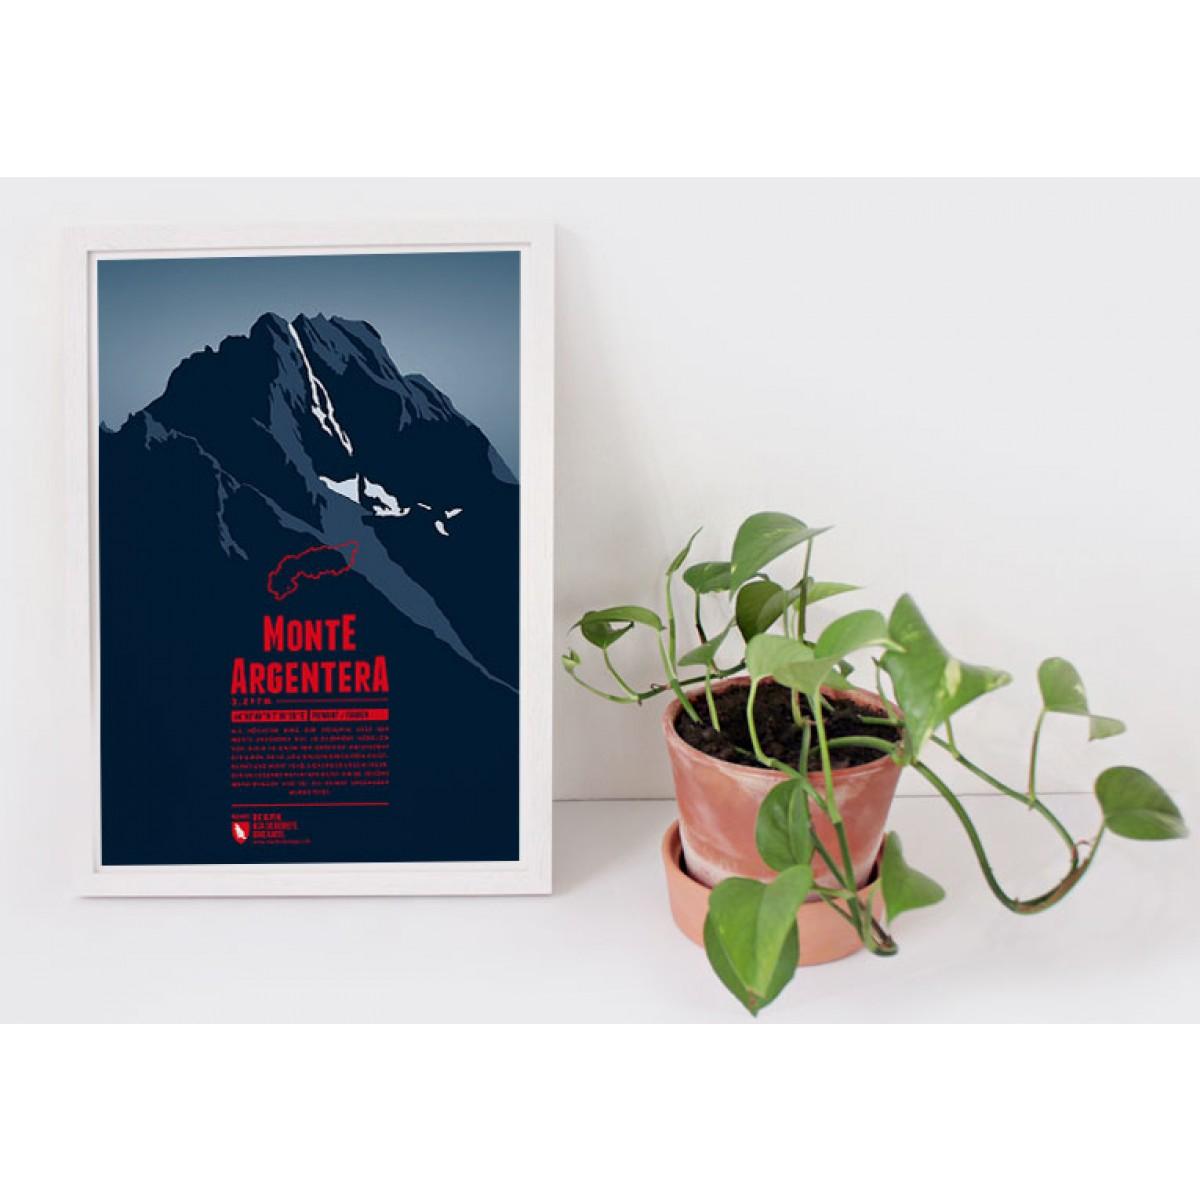 Monte Argentera - Bergdruck